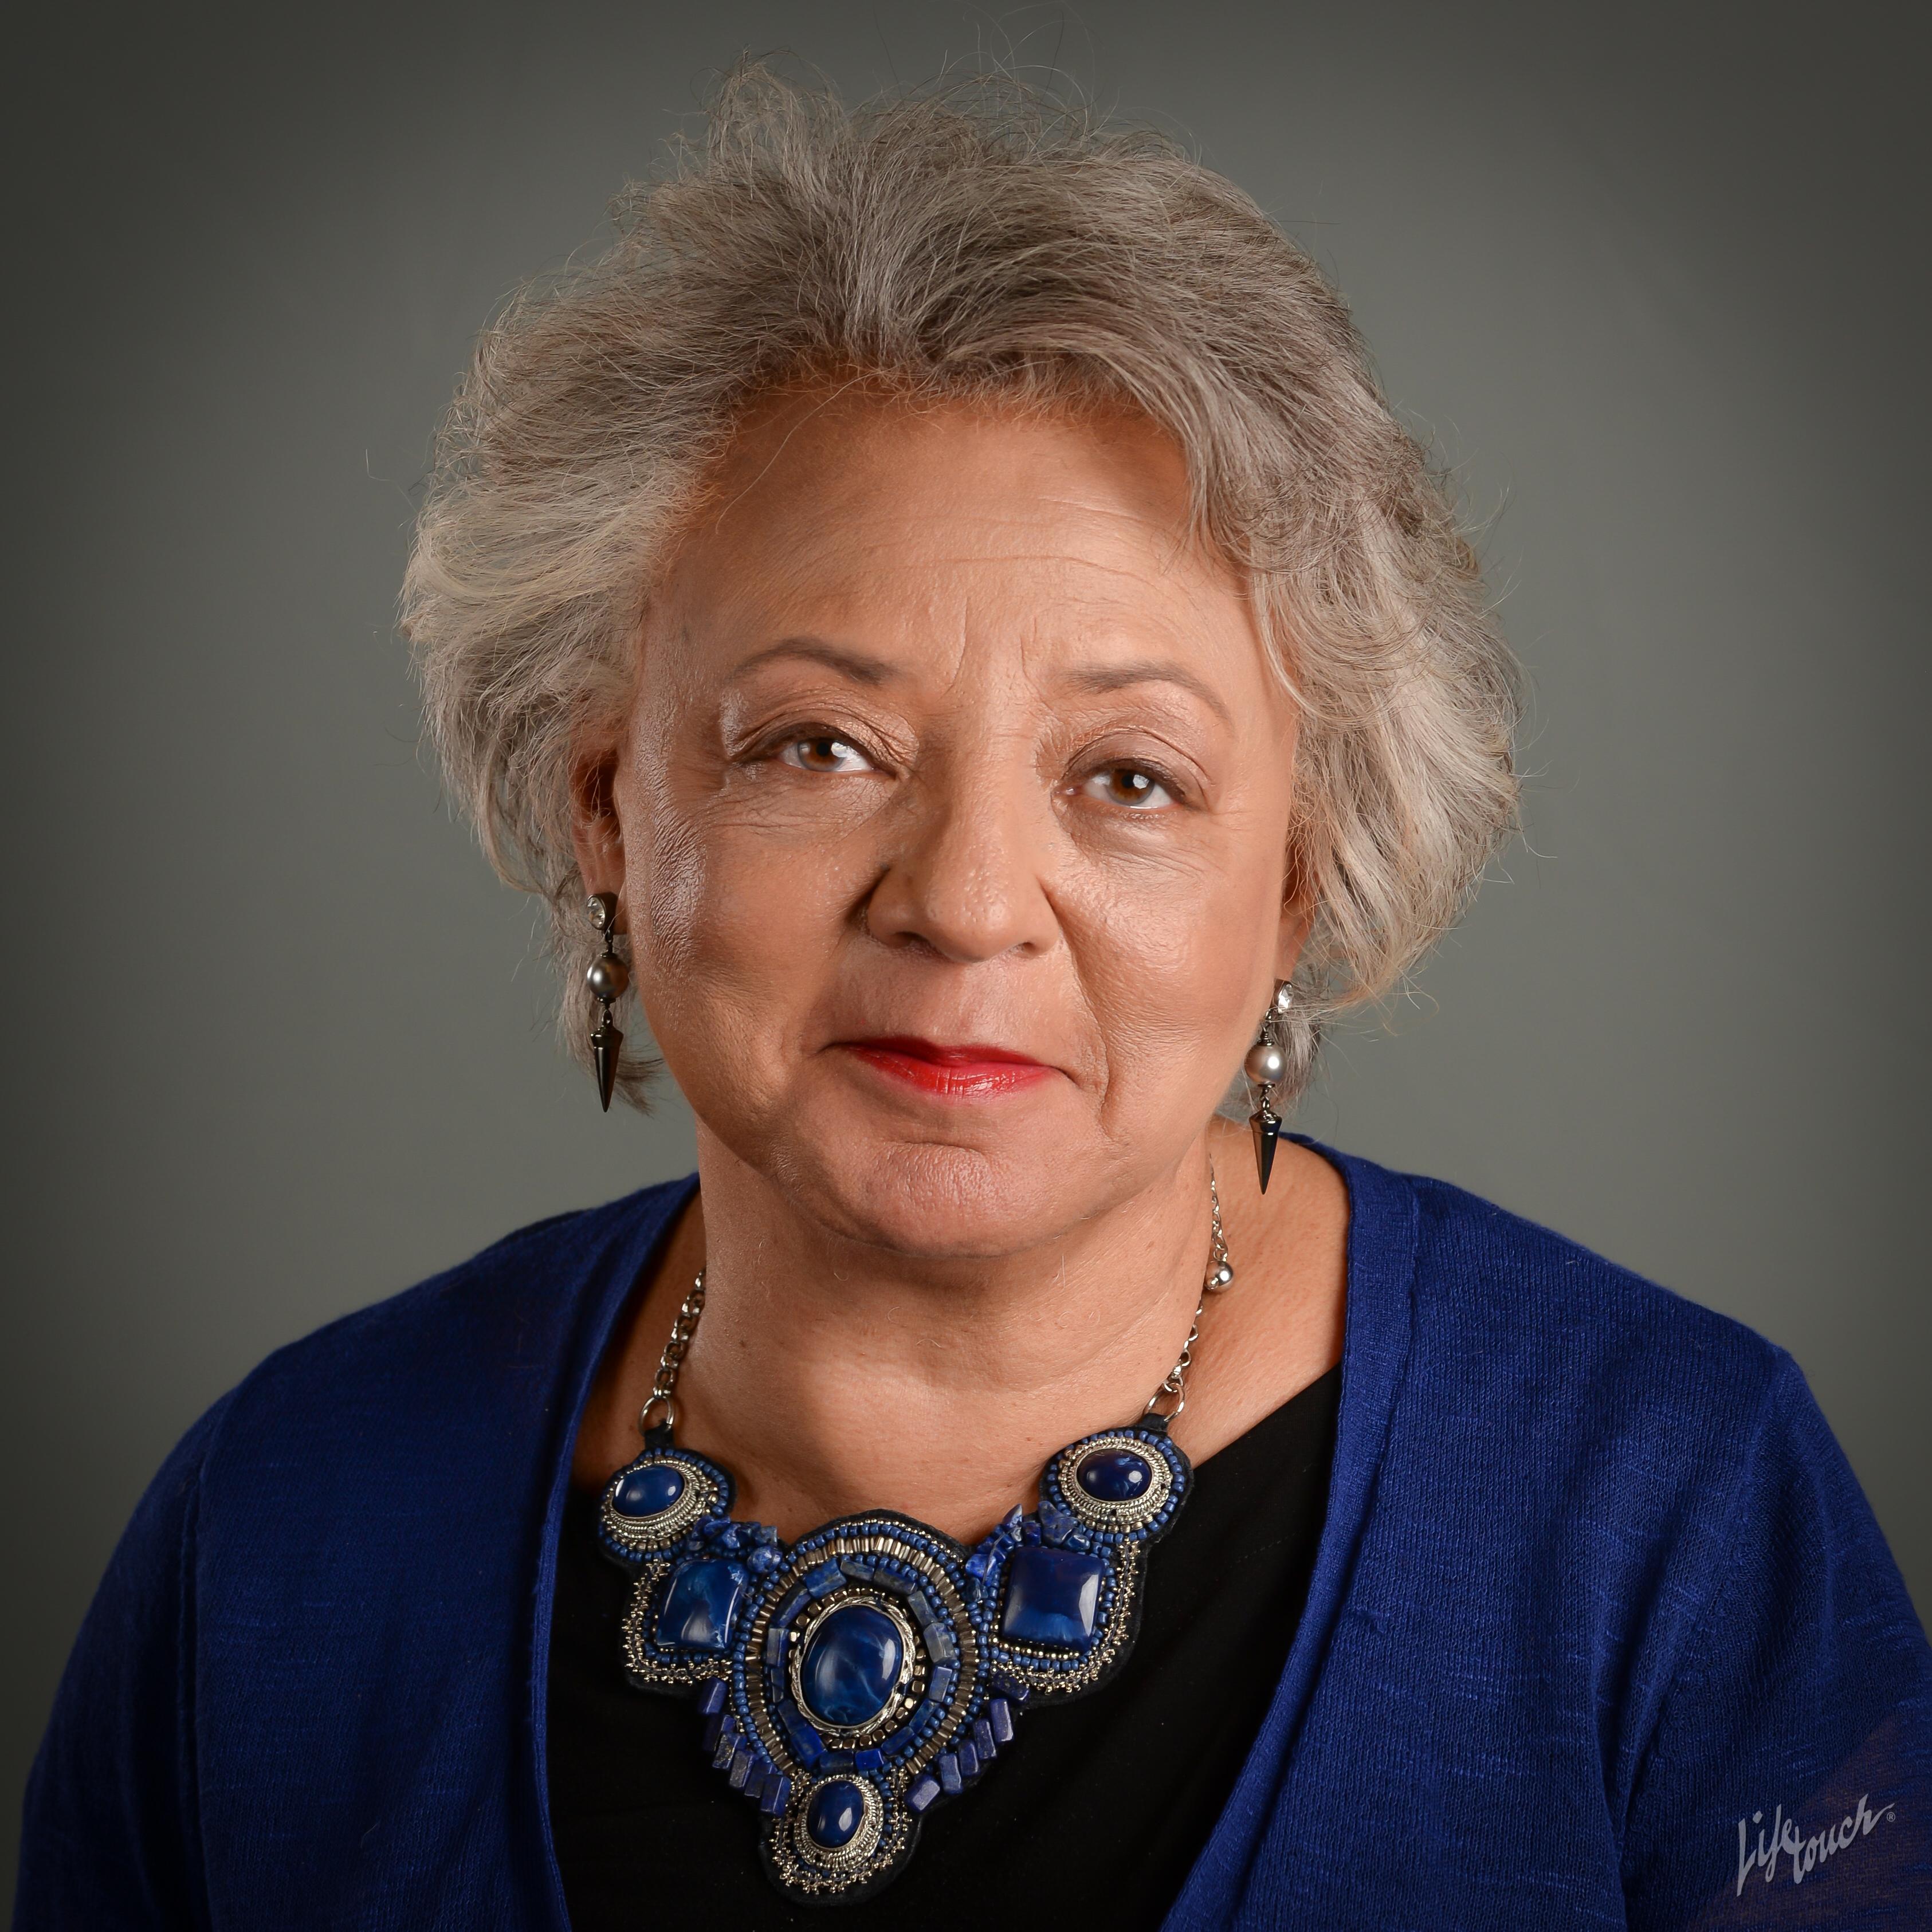 Caroll Turpin